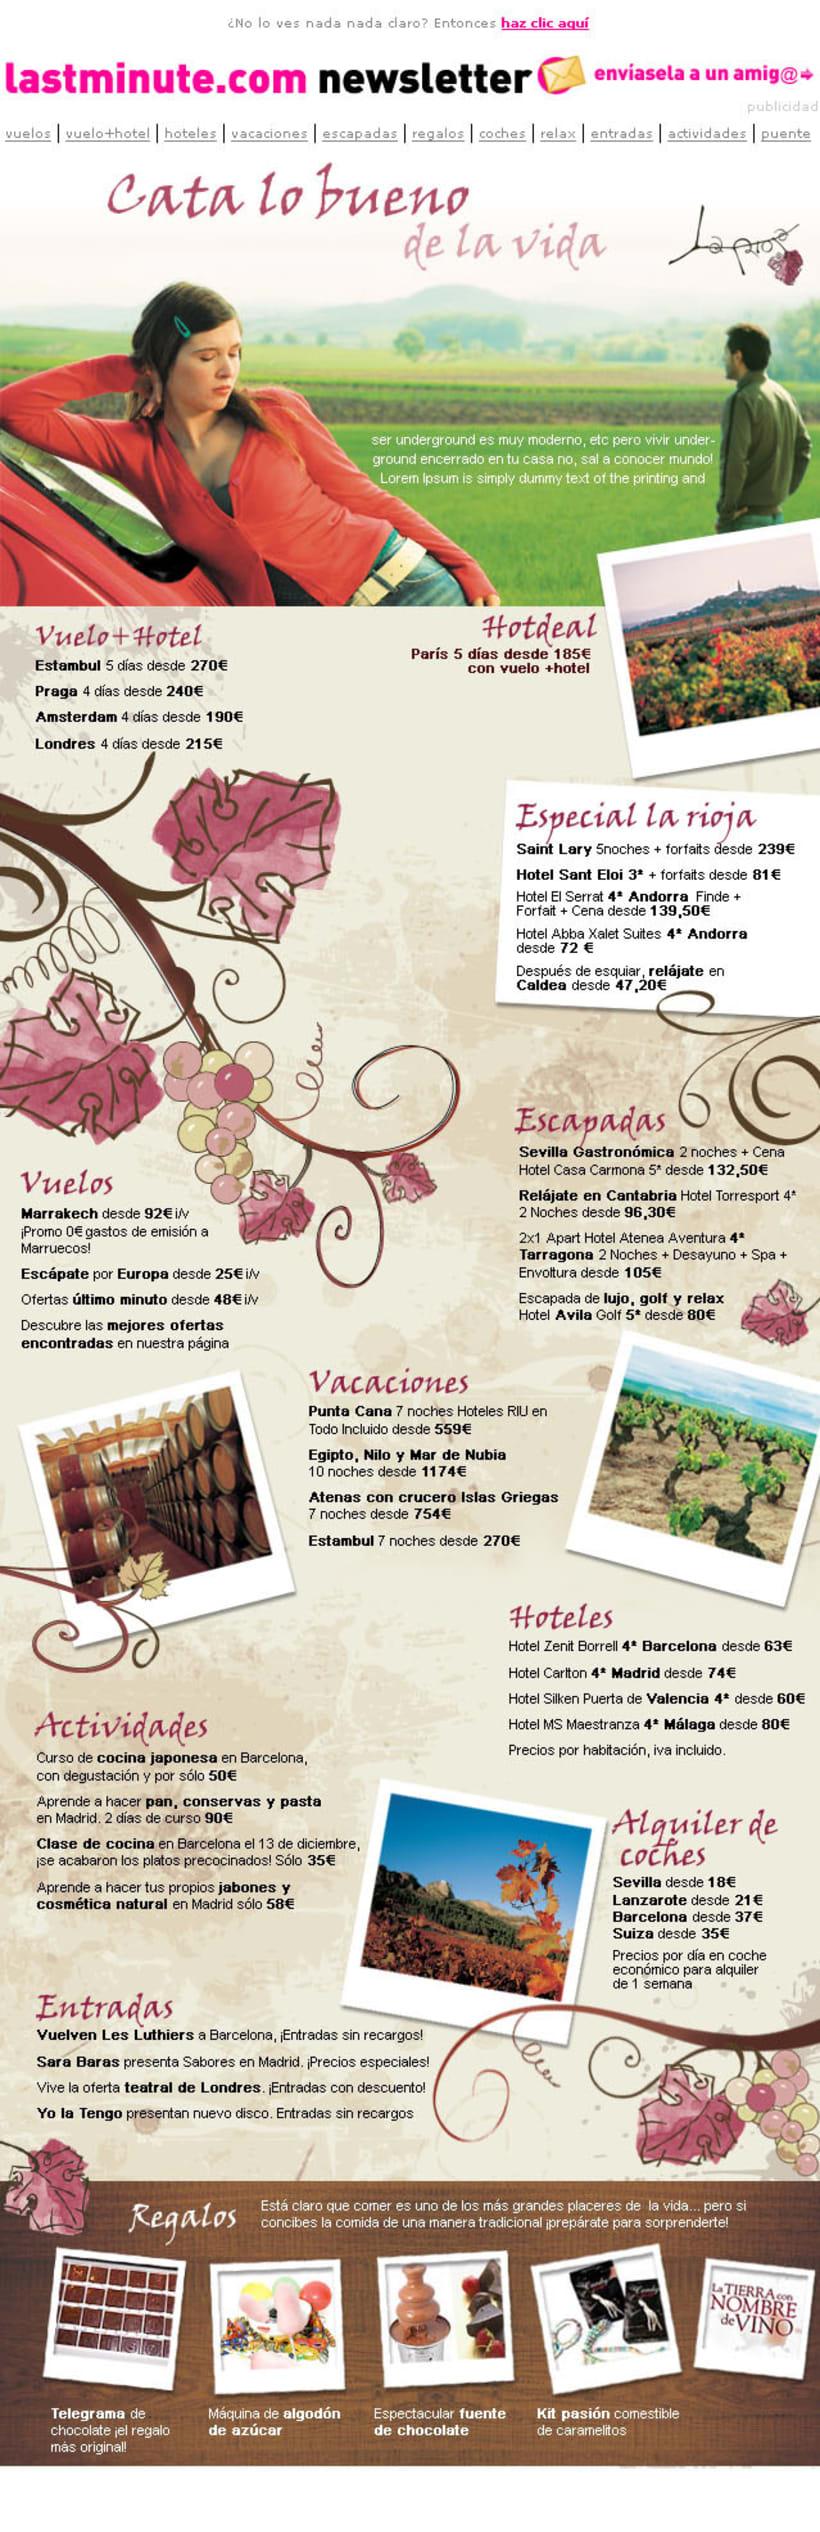 La Rioja turismo 0